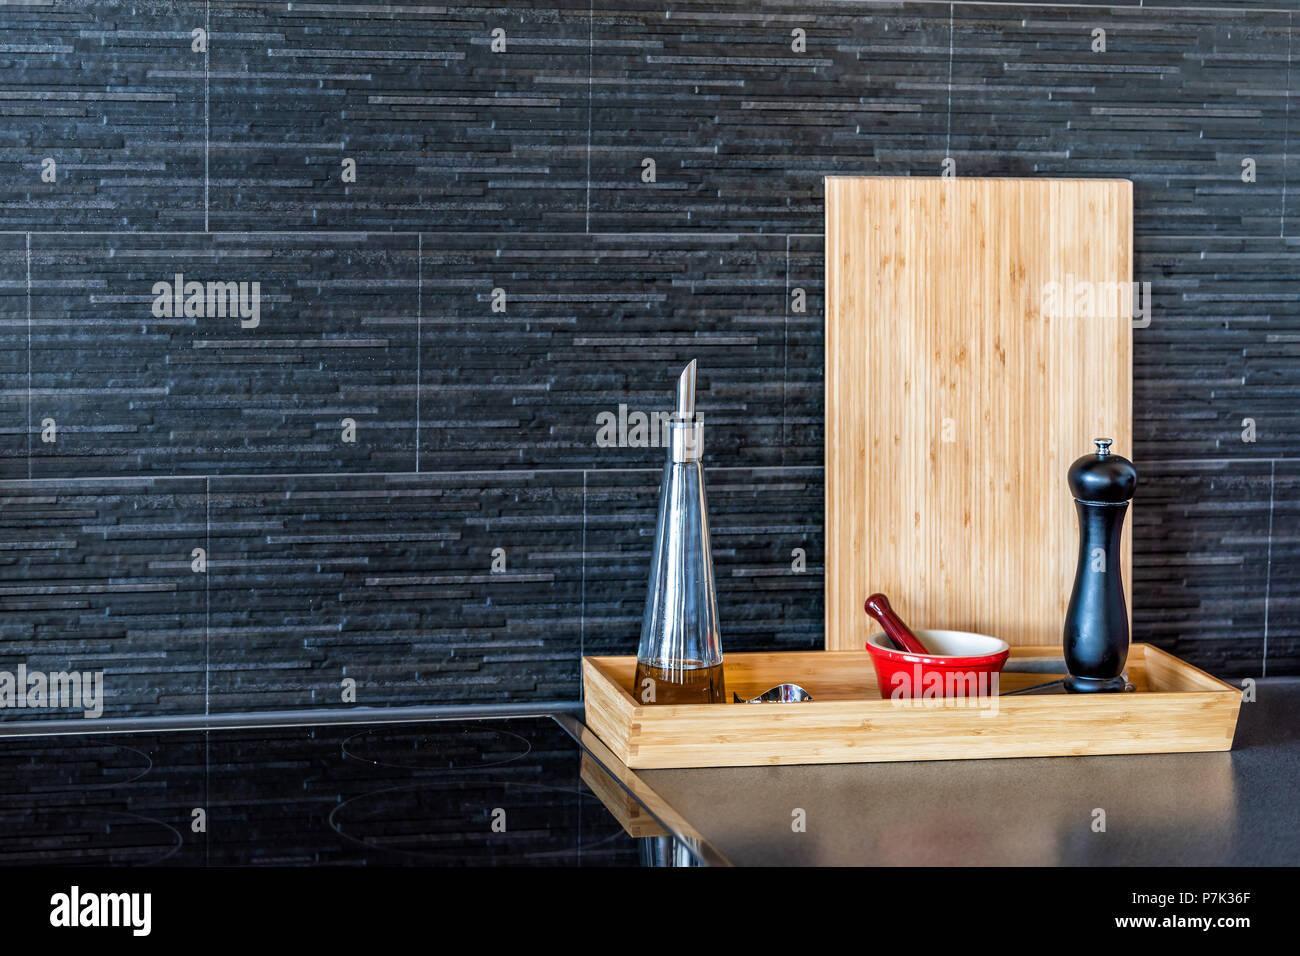 Produttore di piastrelle per pavimenti piastrelle colore cucina